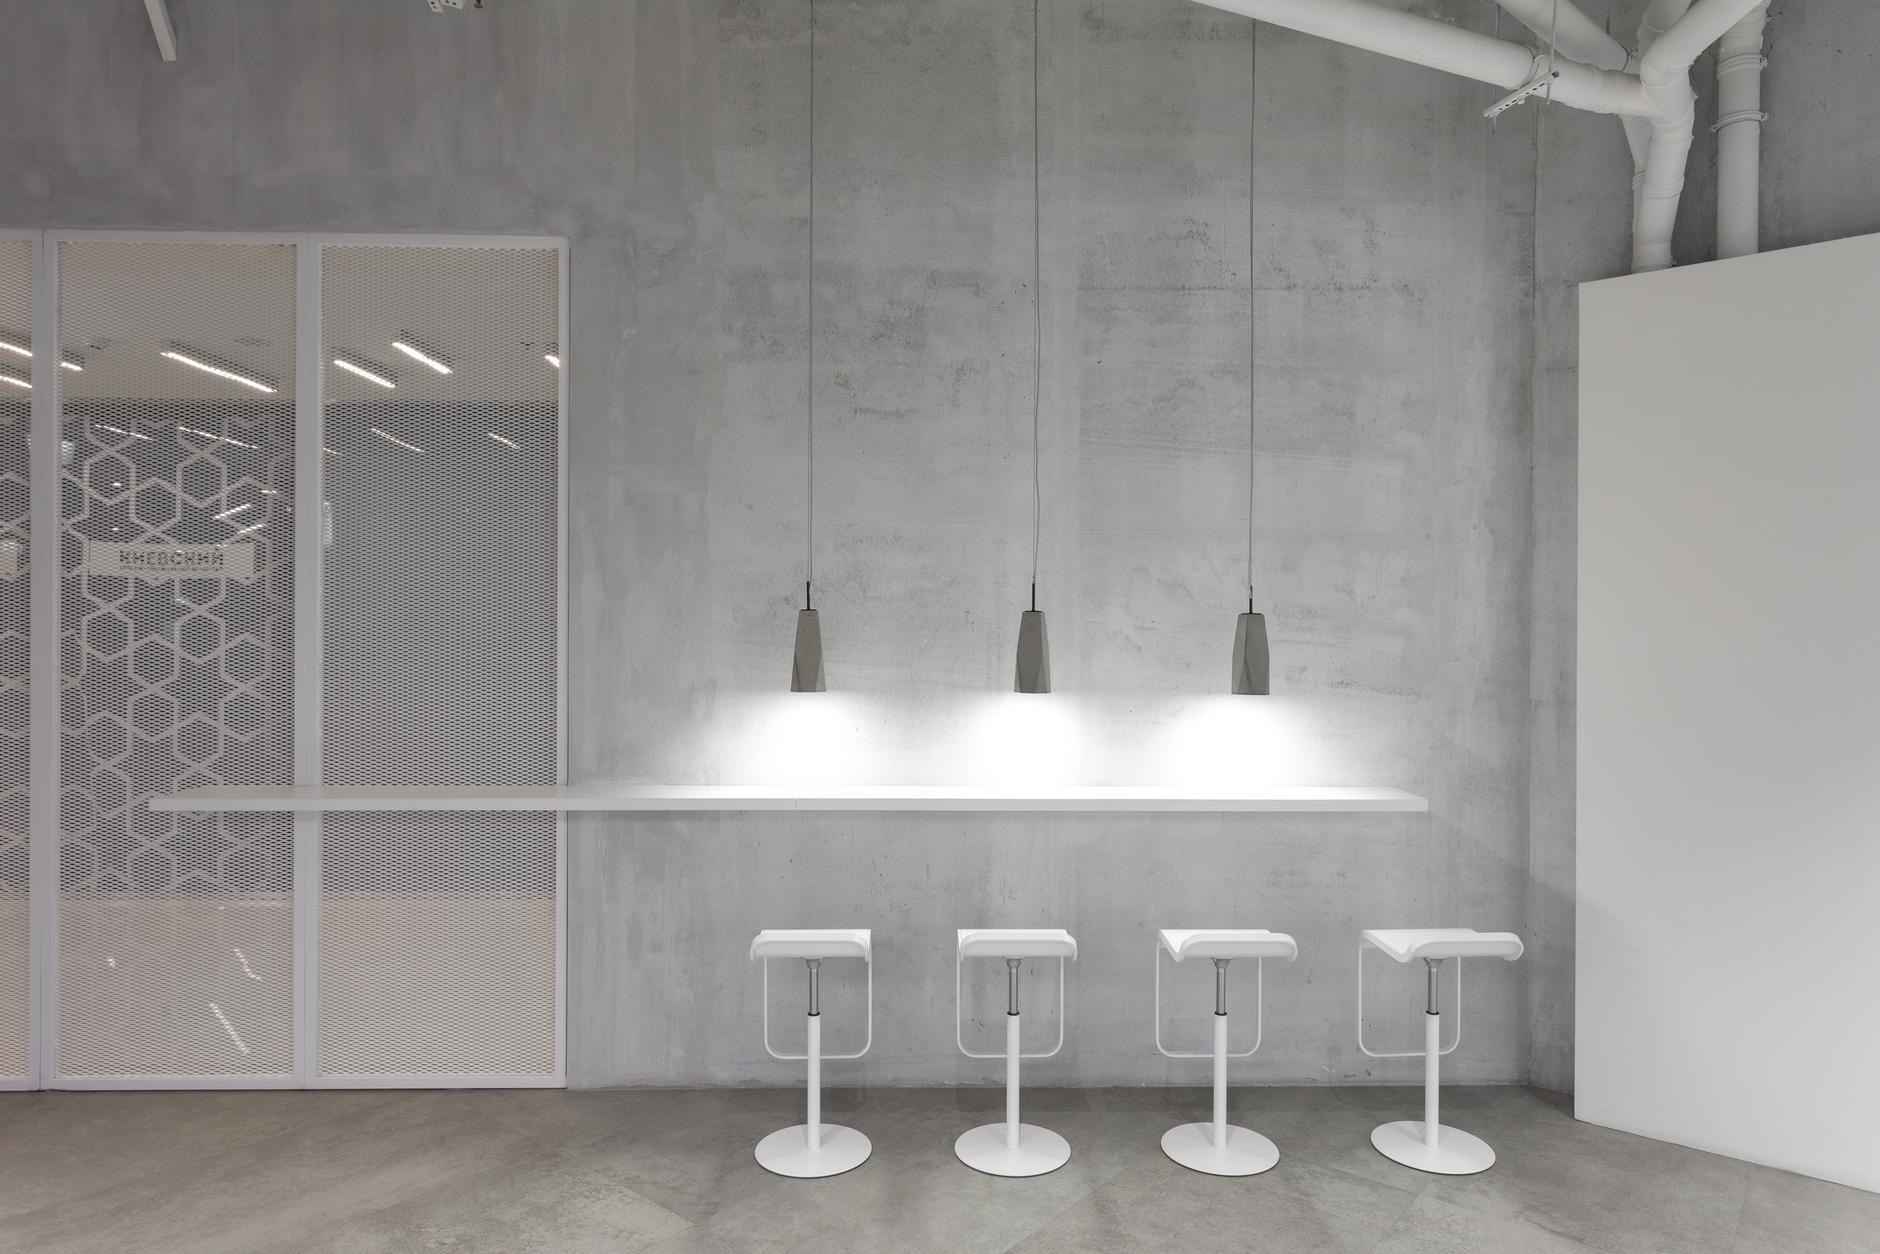 Белым мелом: московский визовый центр Италии от студии MEL (галерея 11, фото 1)